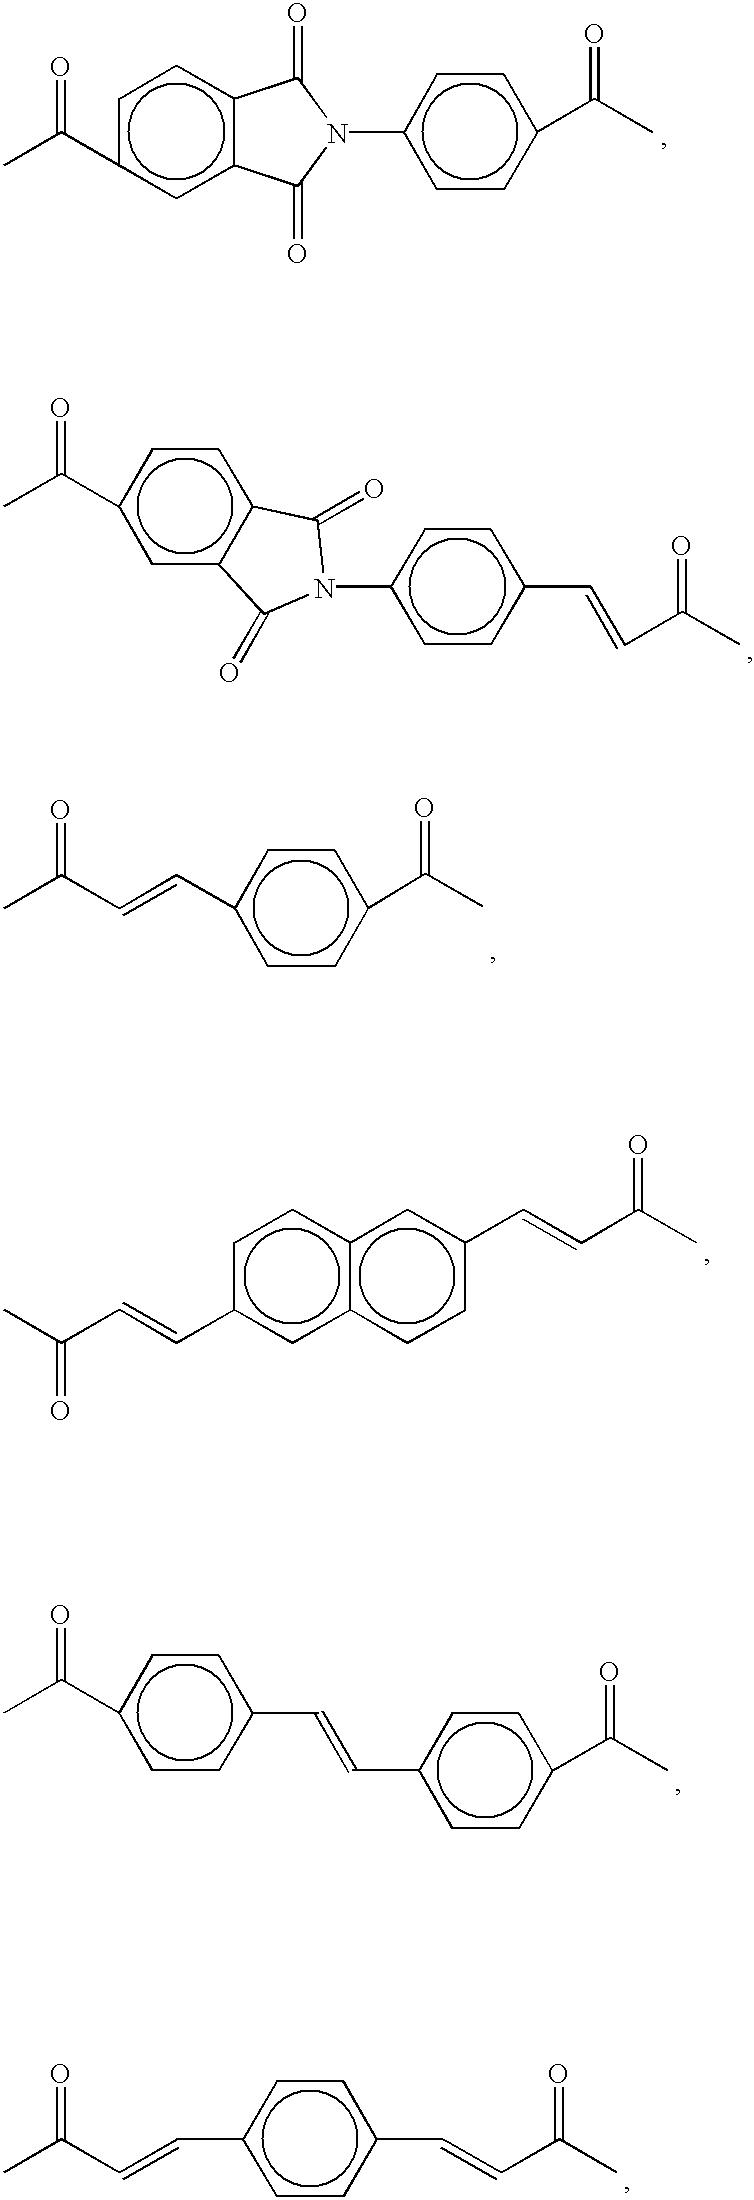 Figure US06582781-20030624-C00015